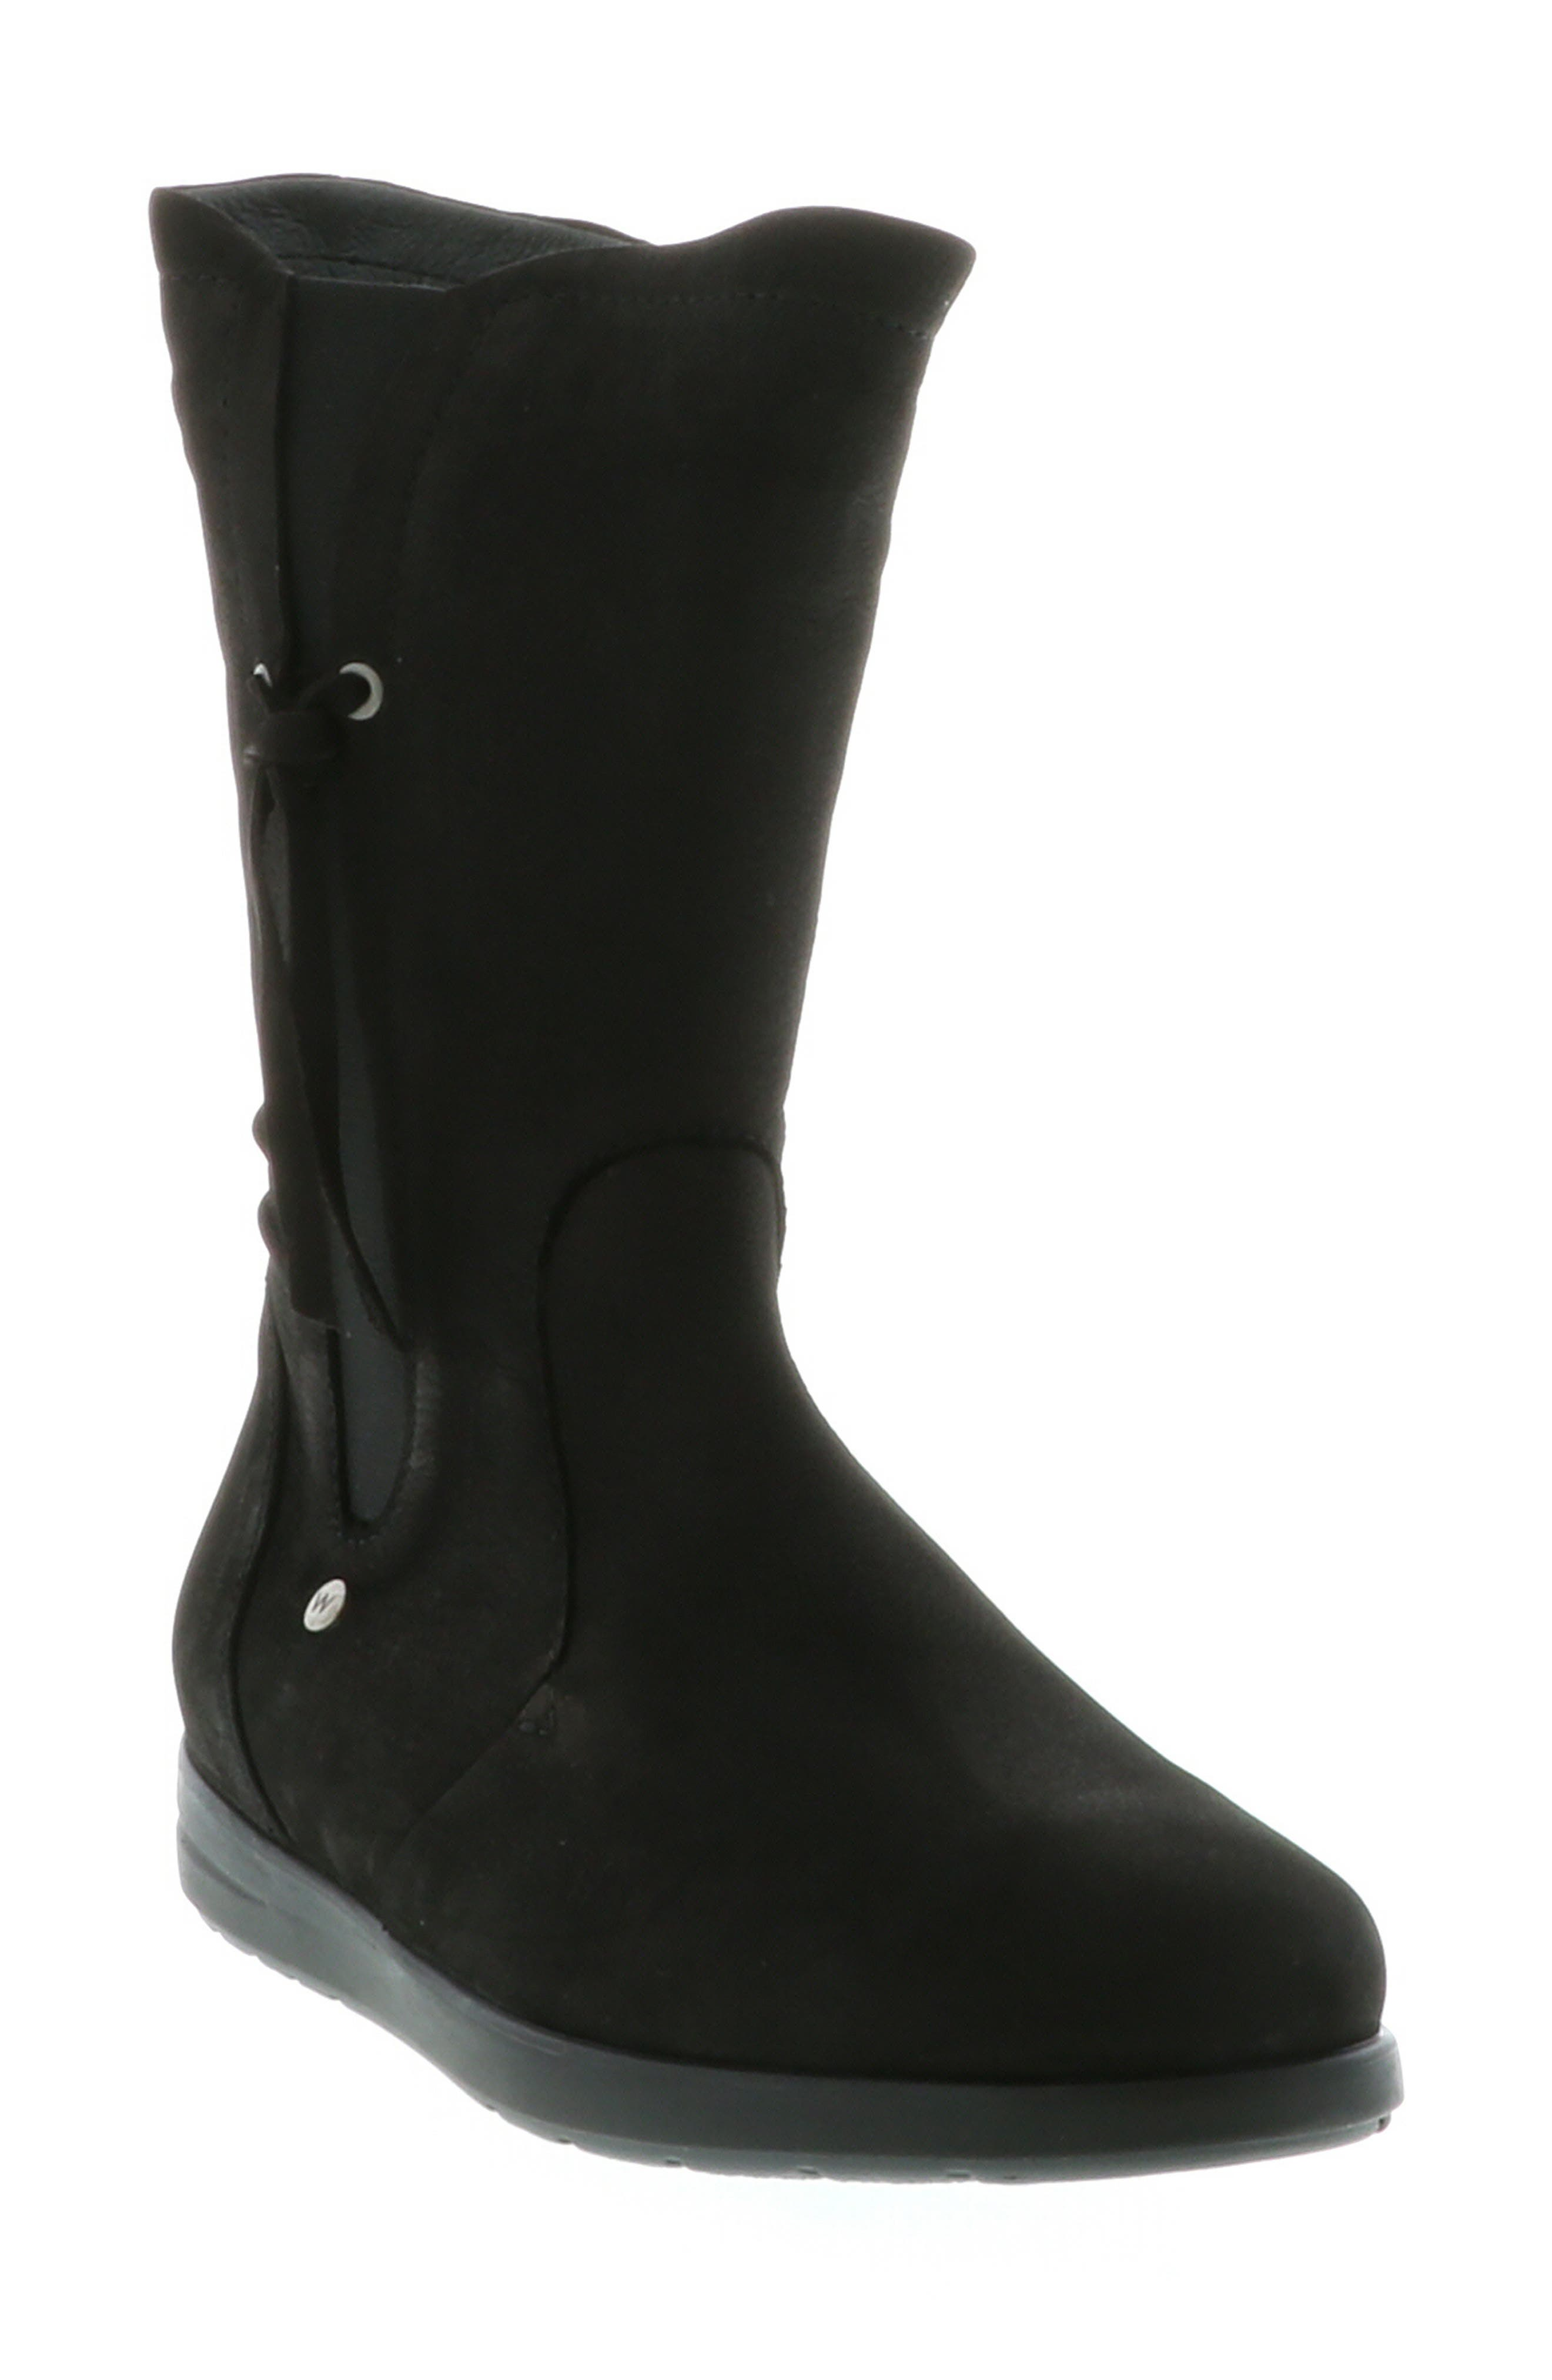 Wolky Newton Waterproof Boot-9 - Black